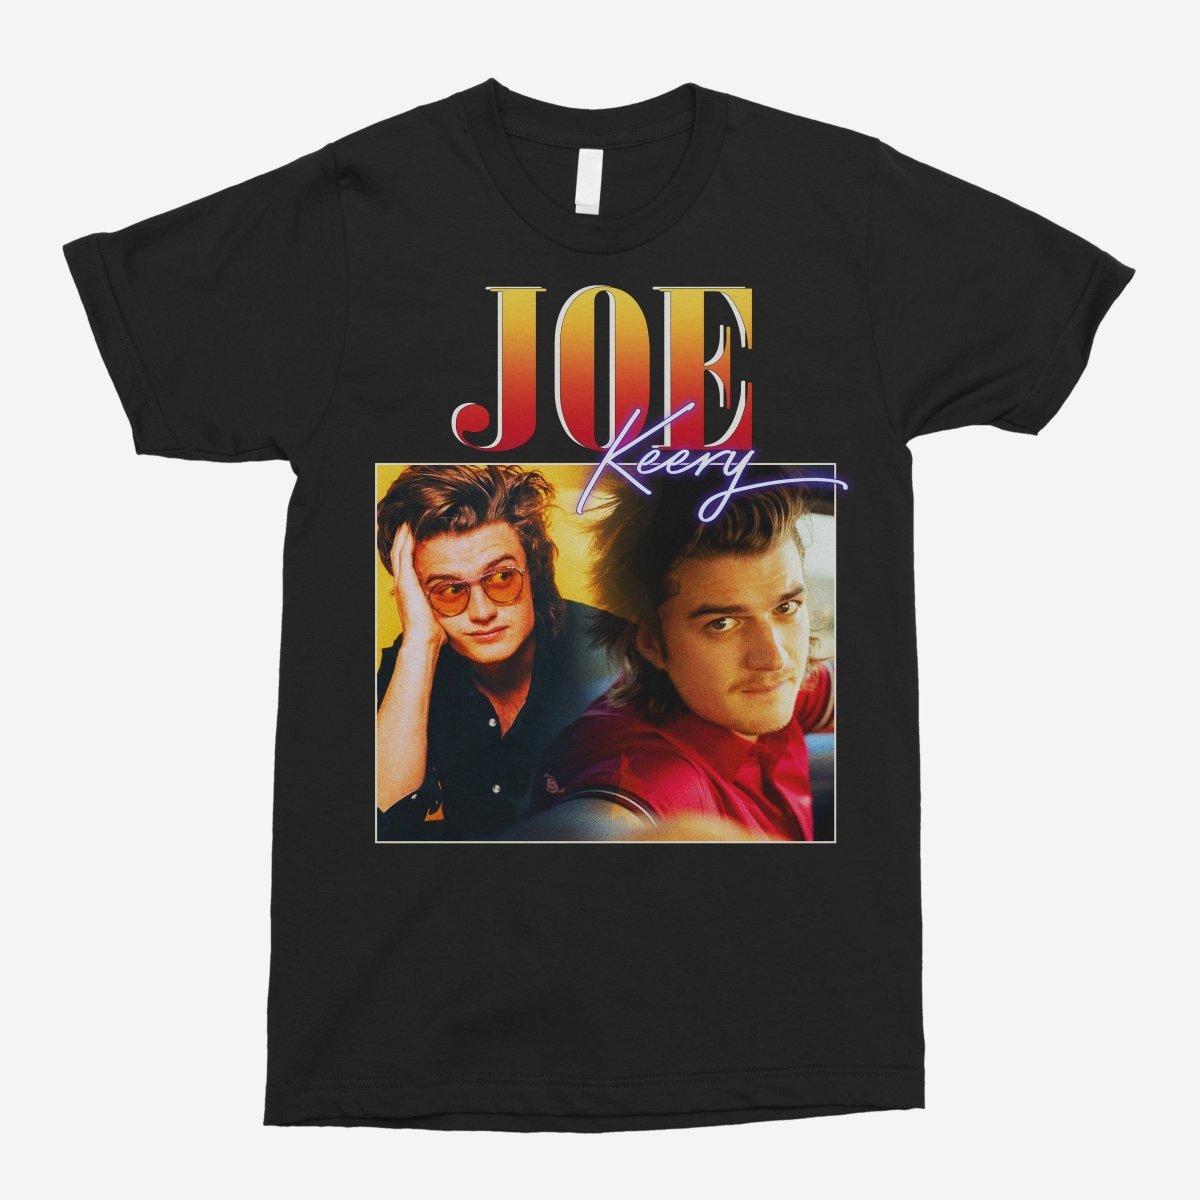 Joe Keery Vintage Unisex T-Shirt